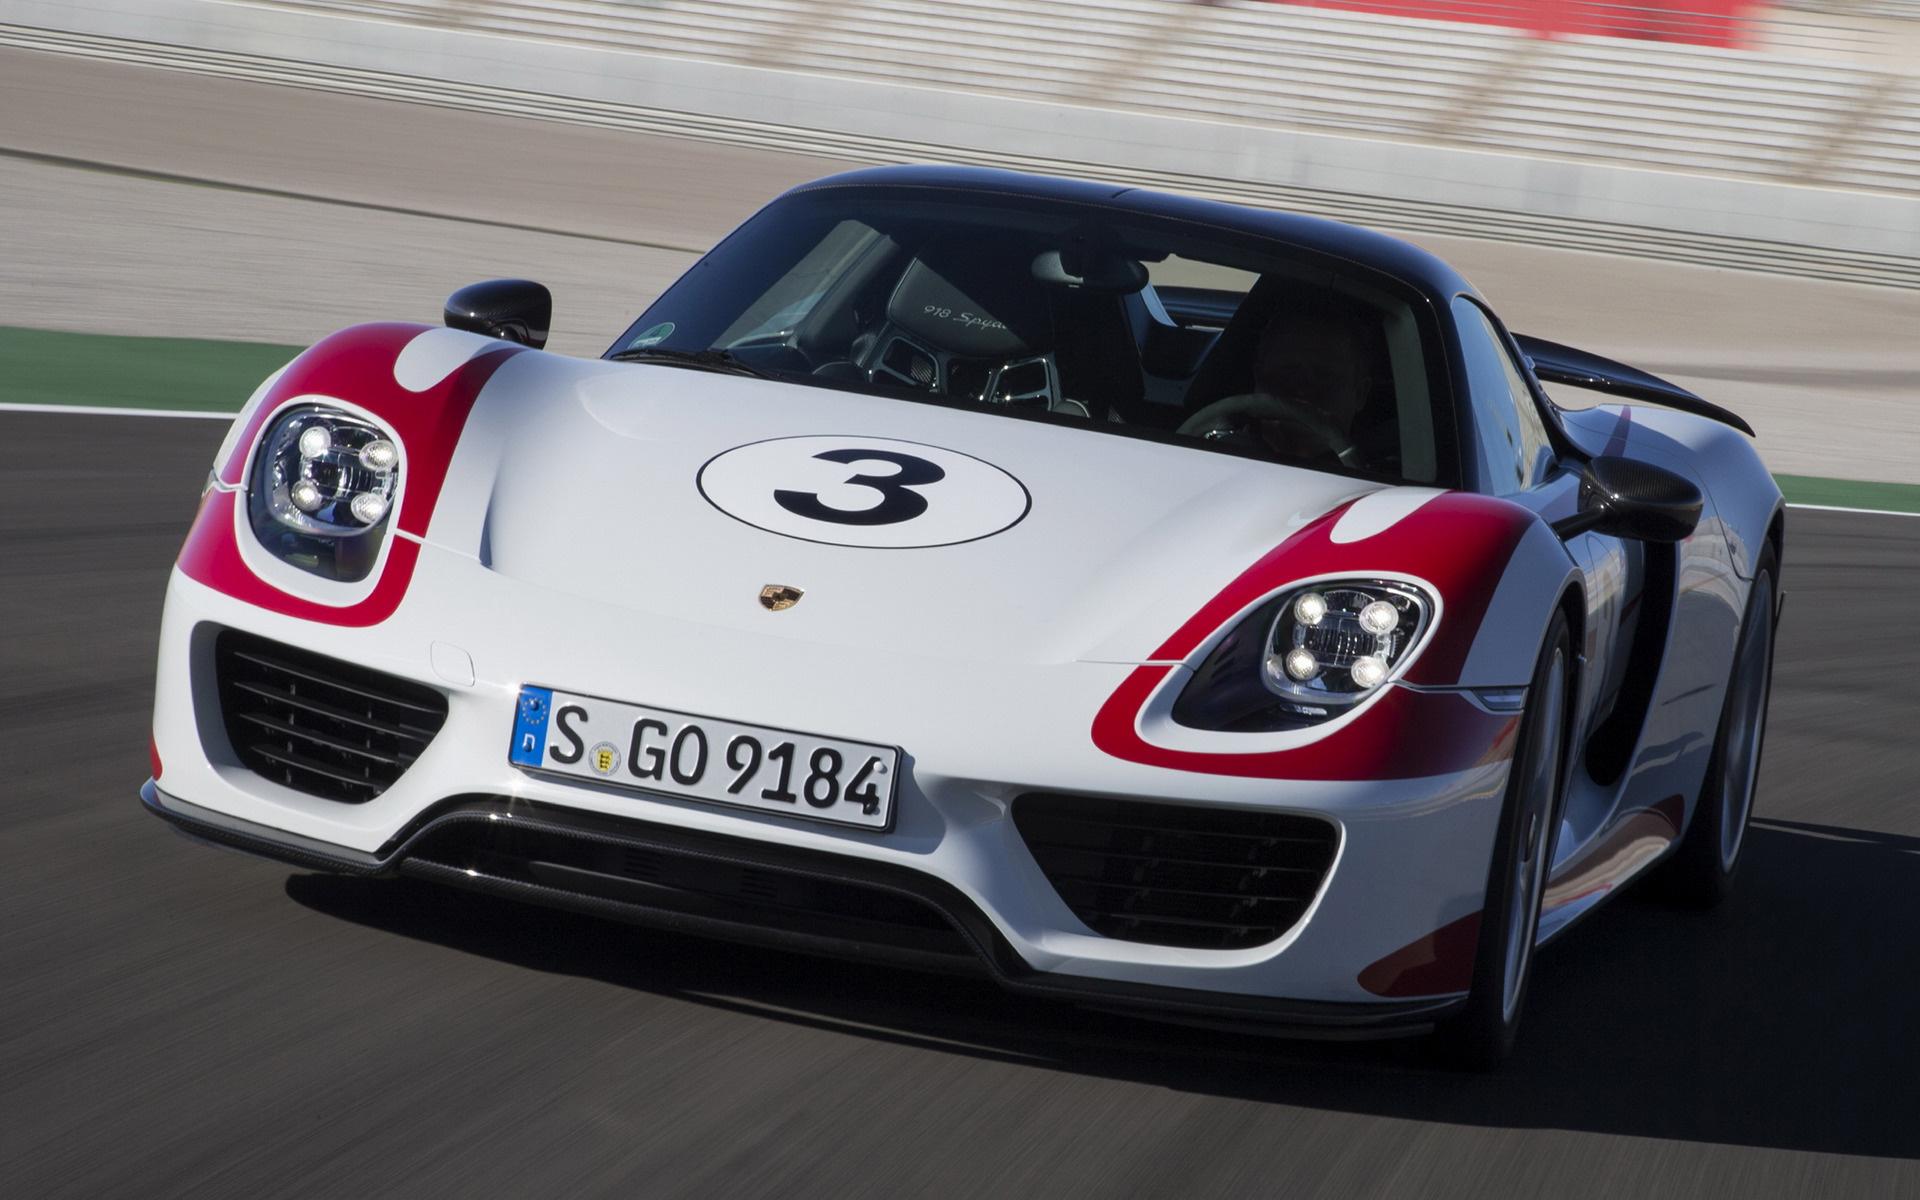 porsche-918-spyder-weissach-package-car-wallpaper-48763 Mesmerizing Porsche 918 Spyder with Weissach Package Price Cars Trend